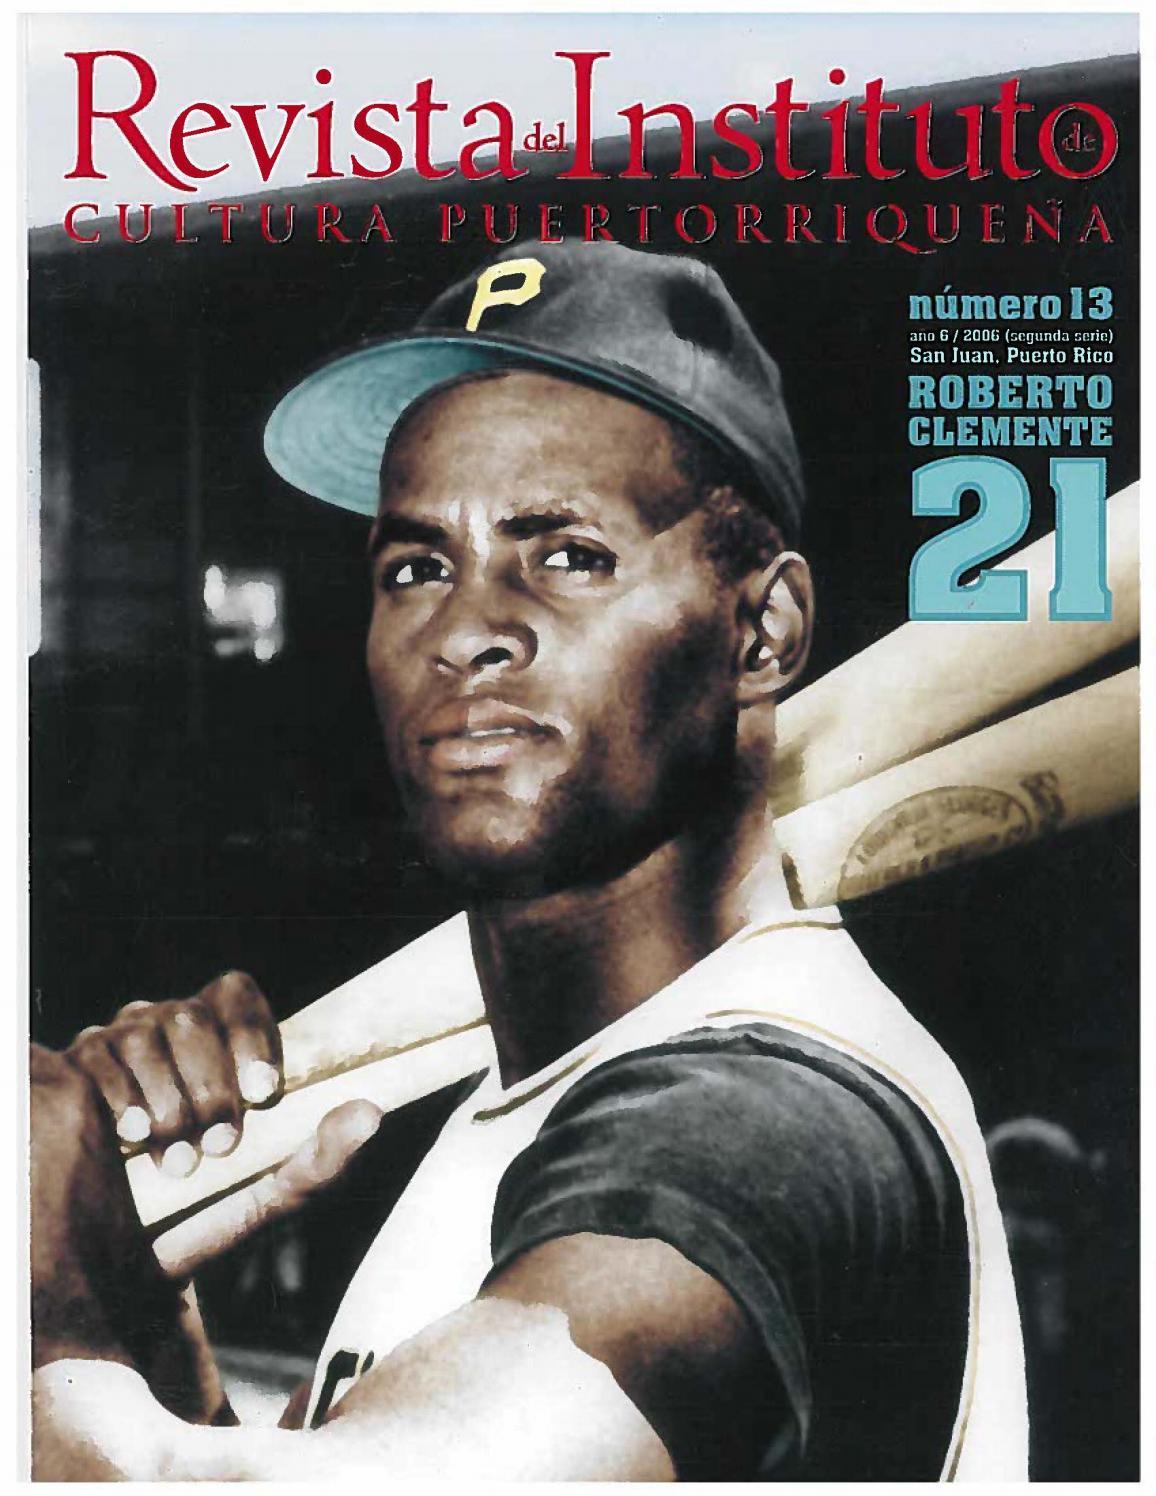 28d853a2e98 Revista del Instituto de Cultura Puertorriqueña by Colección Puertorriqueña  UPR RP - issuu